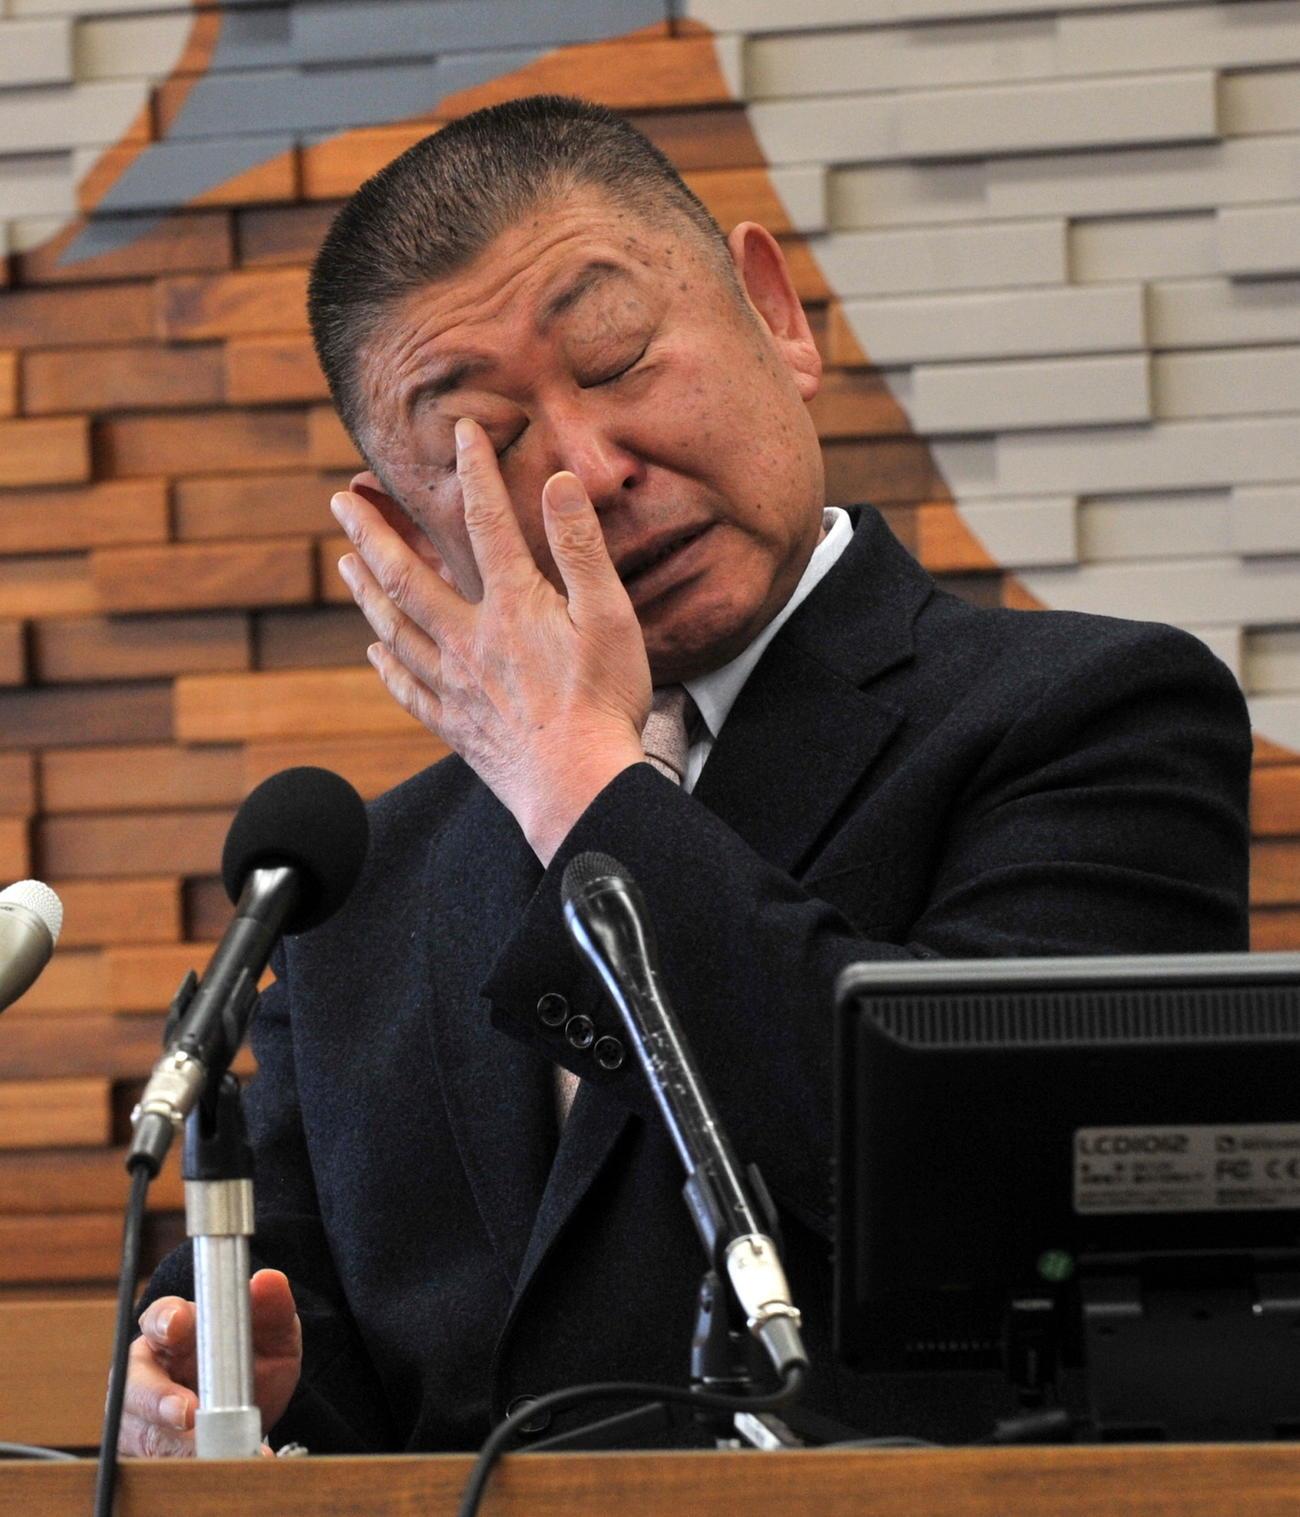 12日、東北福祉大ゴルフ部の阿部監督は優勝した松山から表彰式直後に電話があったことを明かして涙ぐむ